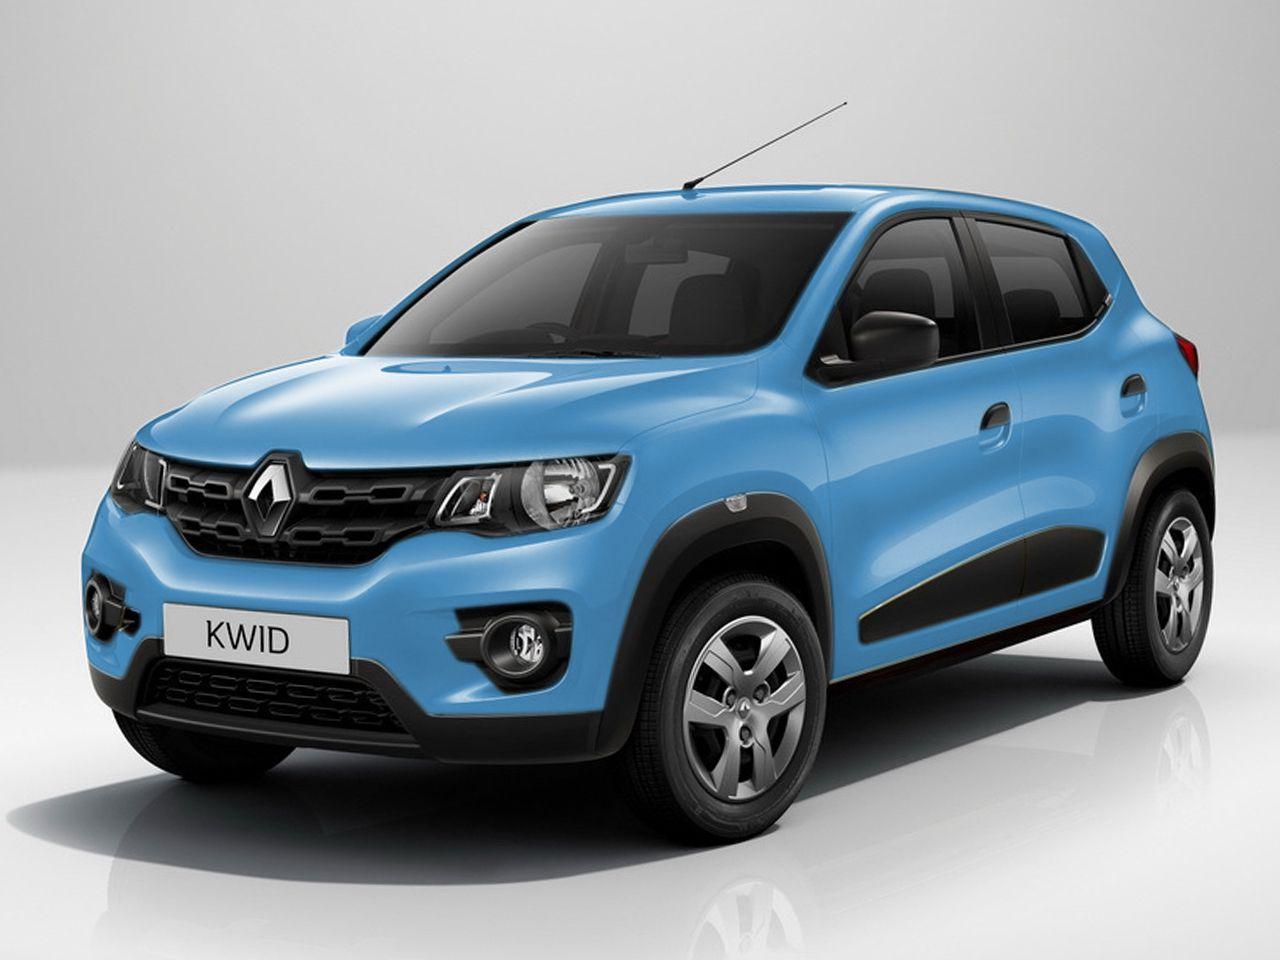 Si vous souhaitez obtenir en ligne le certificat de conformité européen de votre voiture ou véhicule  de la marque Renault ,  vous pouvez procéder à cette demande de certificat de conformité en ici.